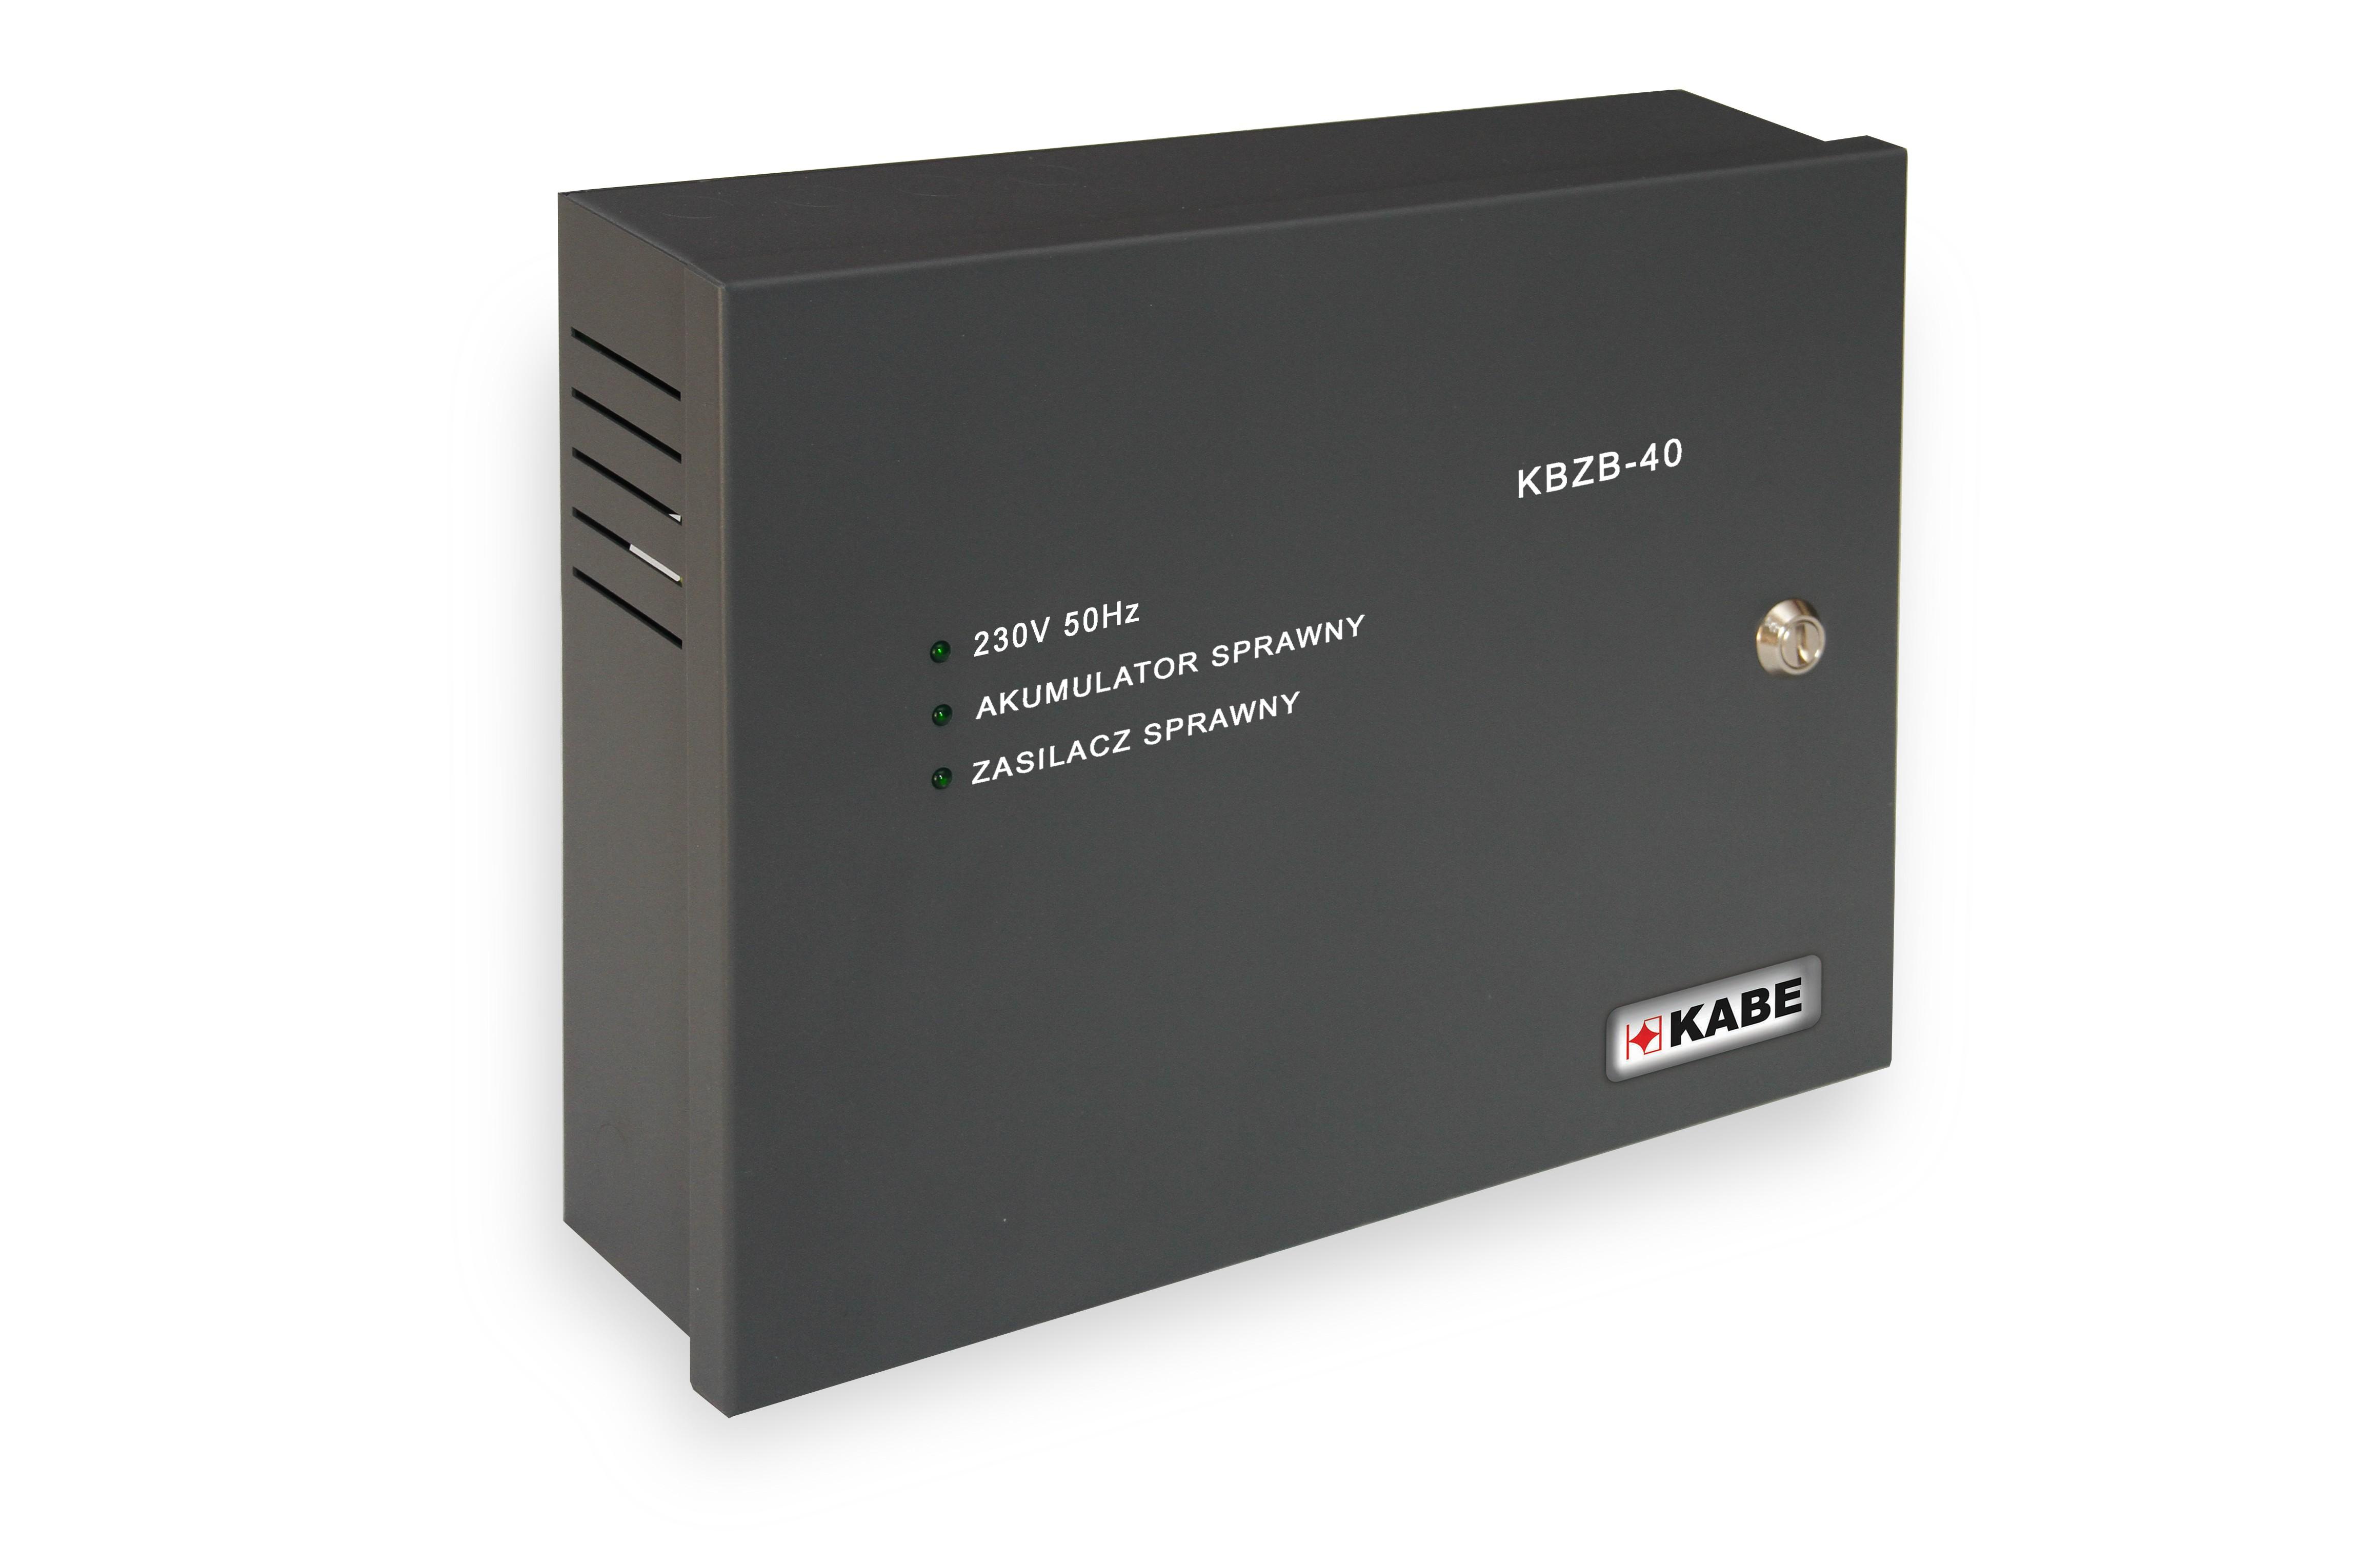 Zasilacz buforowy KBZB-40 3,7A/12Ah